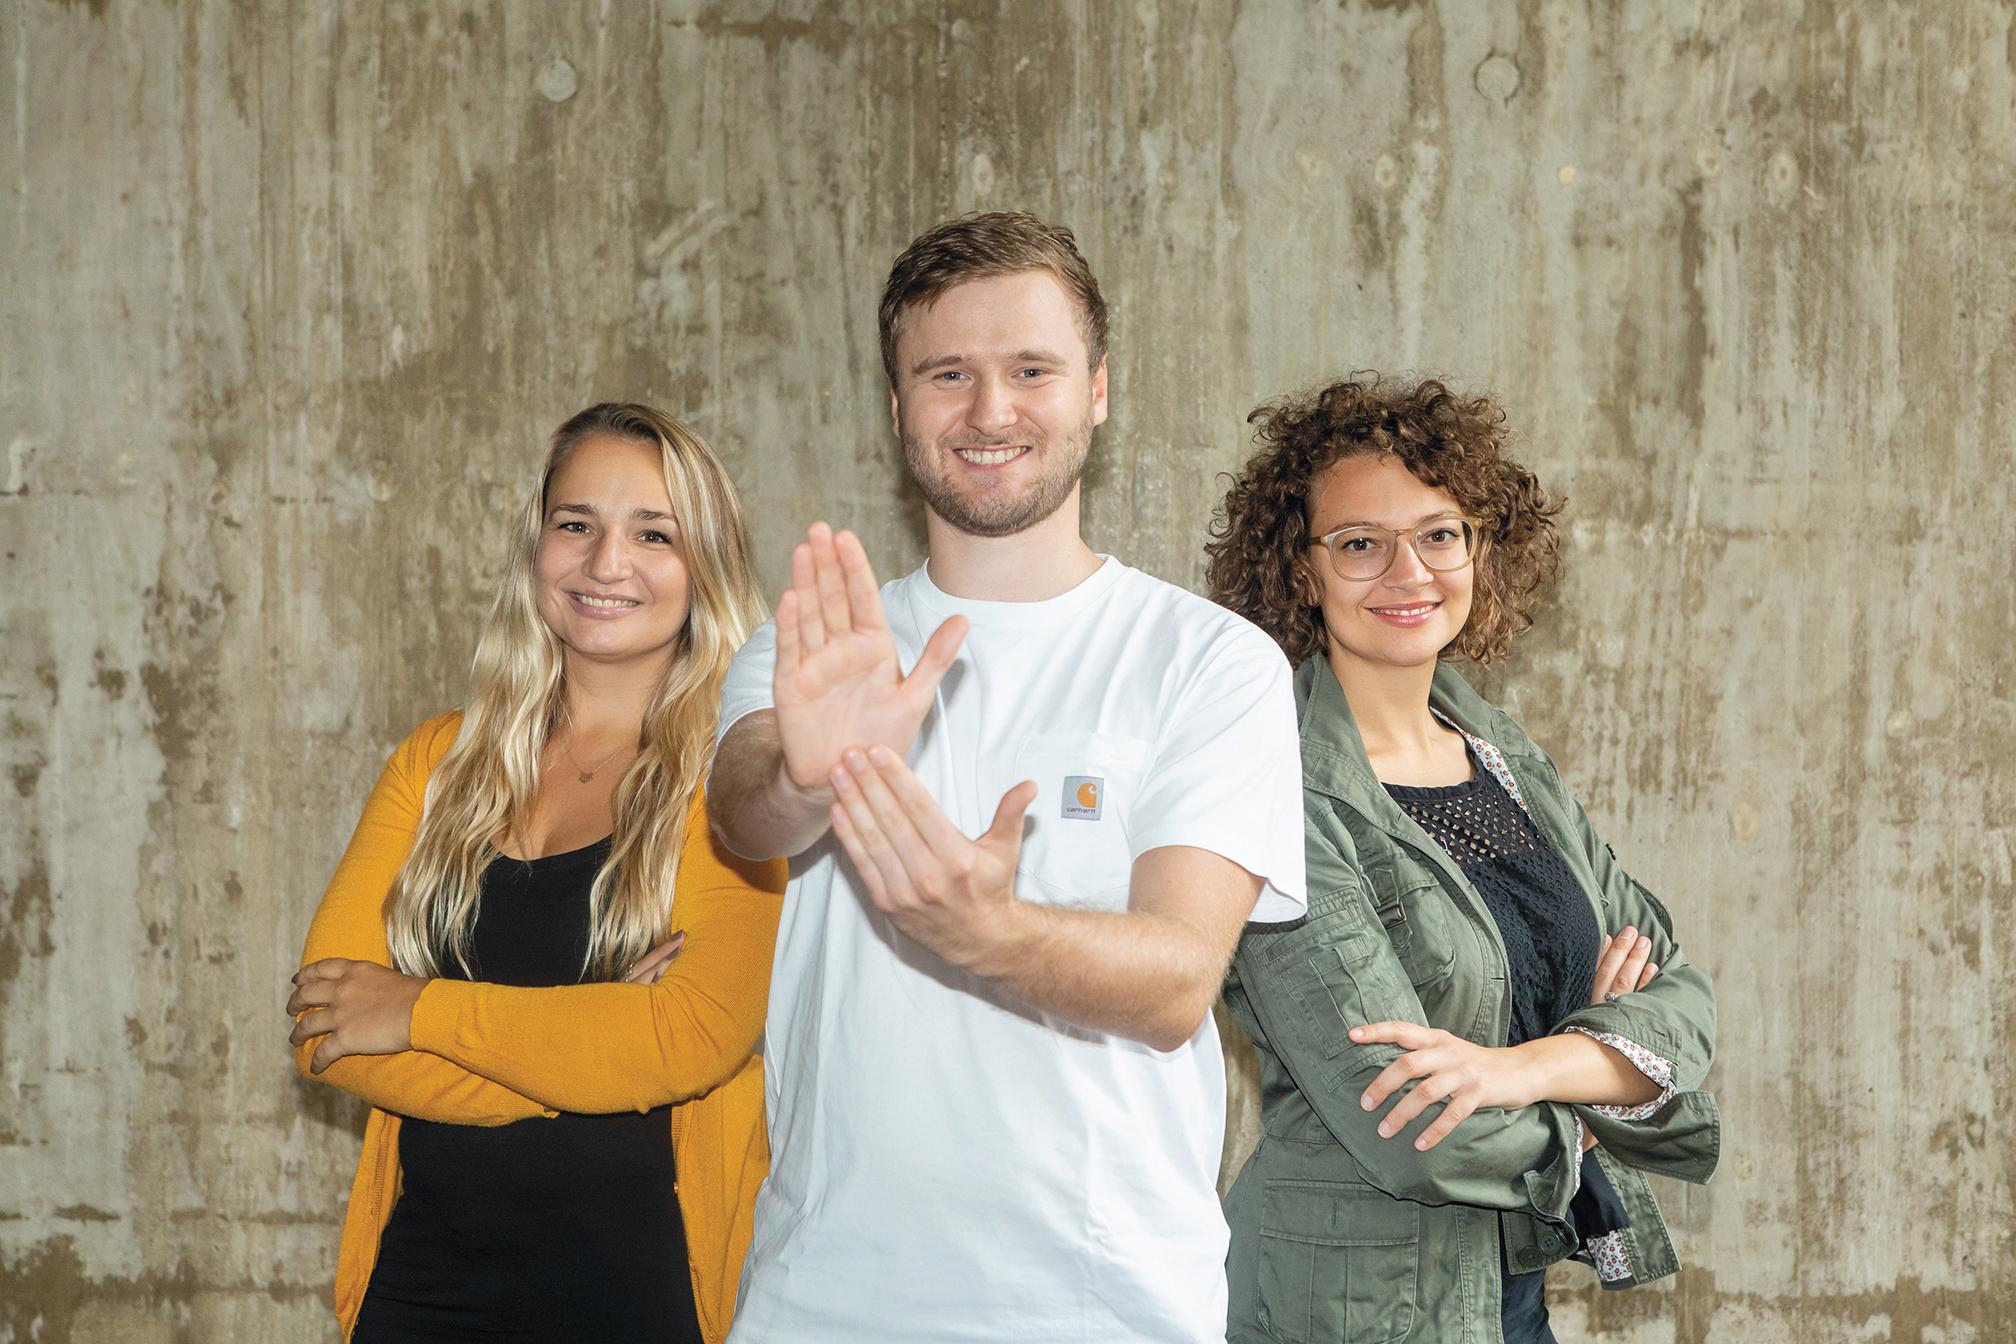 Gruppenfoto von zwei Frauen und einem Mann. Der Mann steht in der Mitte und streckt seine Handfläche der Kamera entgegen und berührt mit der anderen Hand diese. Es ist das Logo der Sendung Hand Drauf.